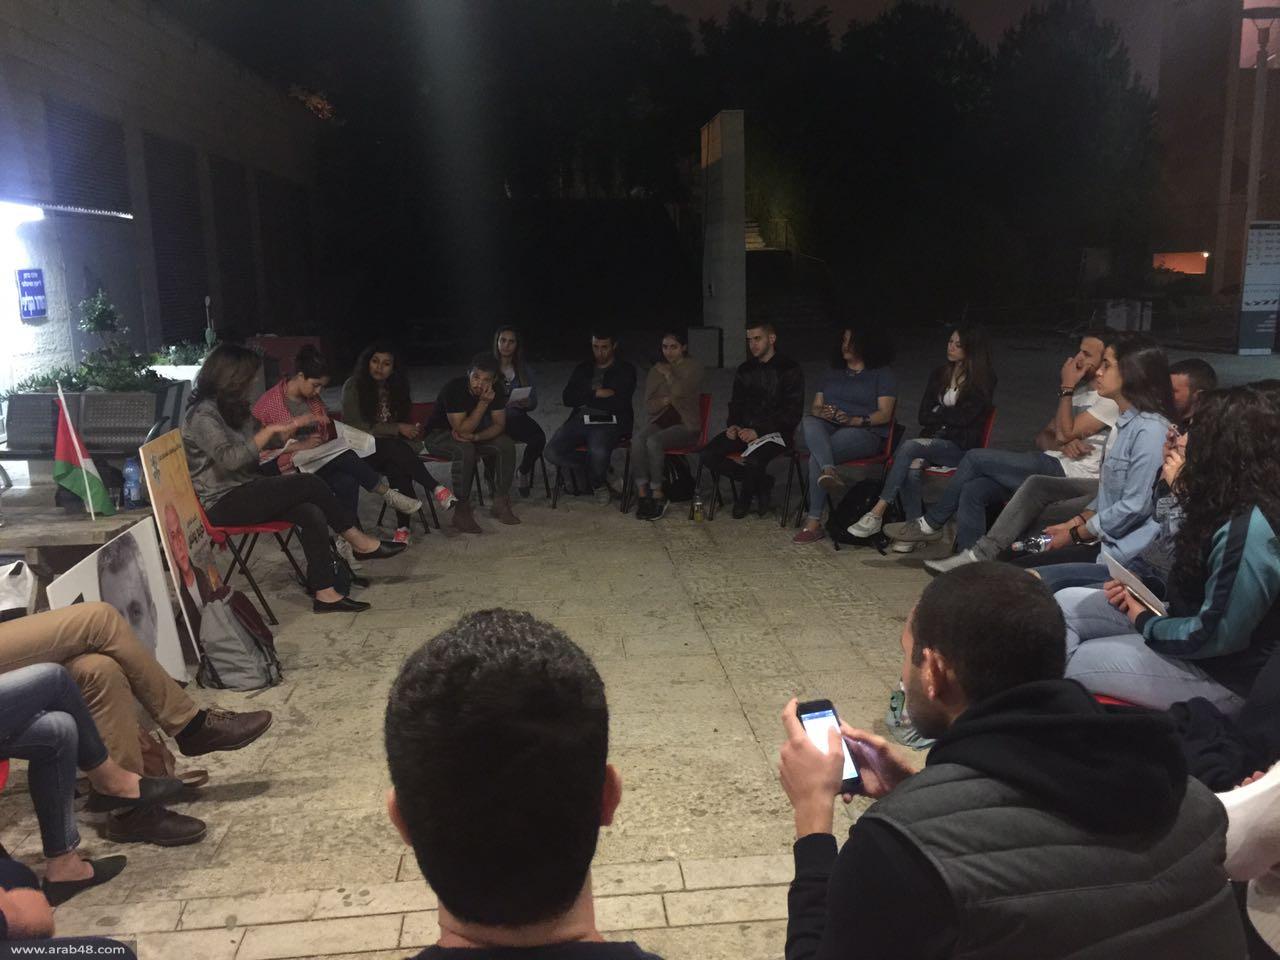 سلسلة فعاليات مساندة للأسرى في جامعة حيفا